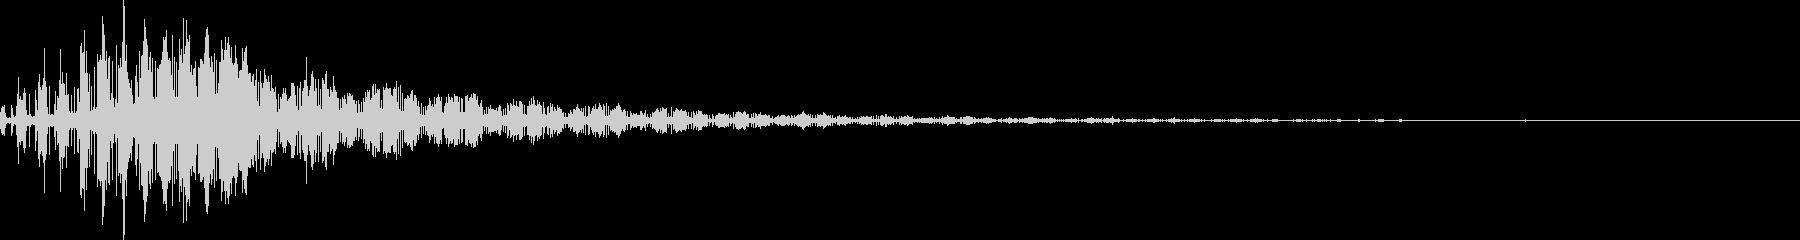 余韻あるSFX 効果1の未再生の波形